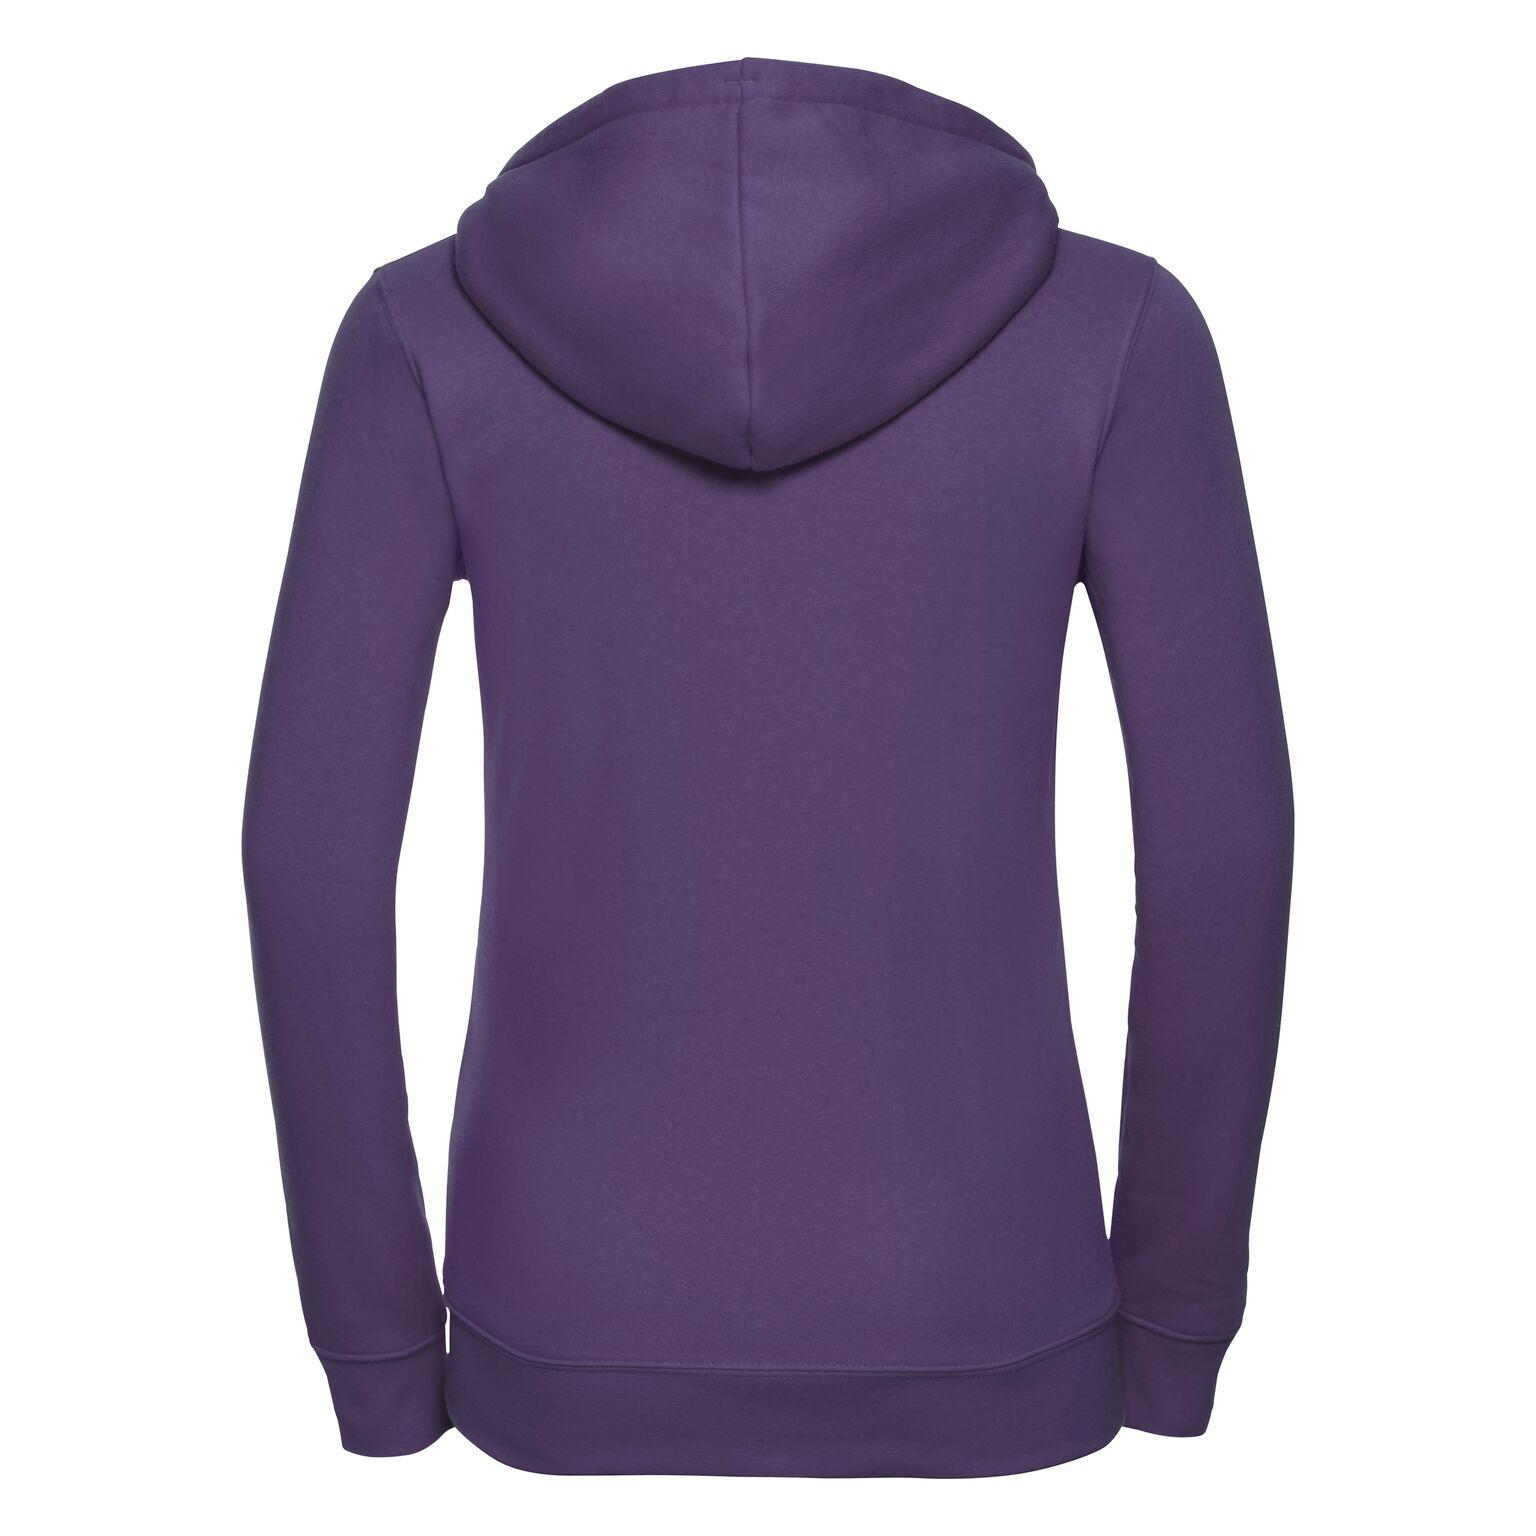 05_j266f_violet--0-0--a9ae69cc-585f-4741-9e2a-710029c89954